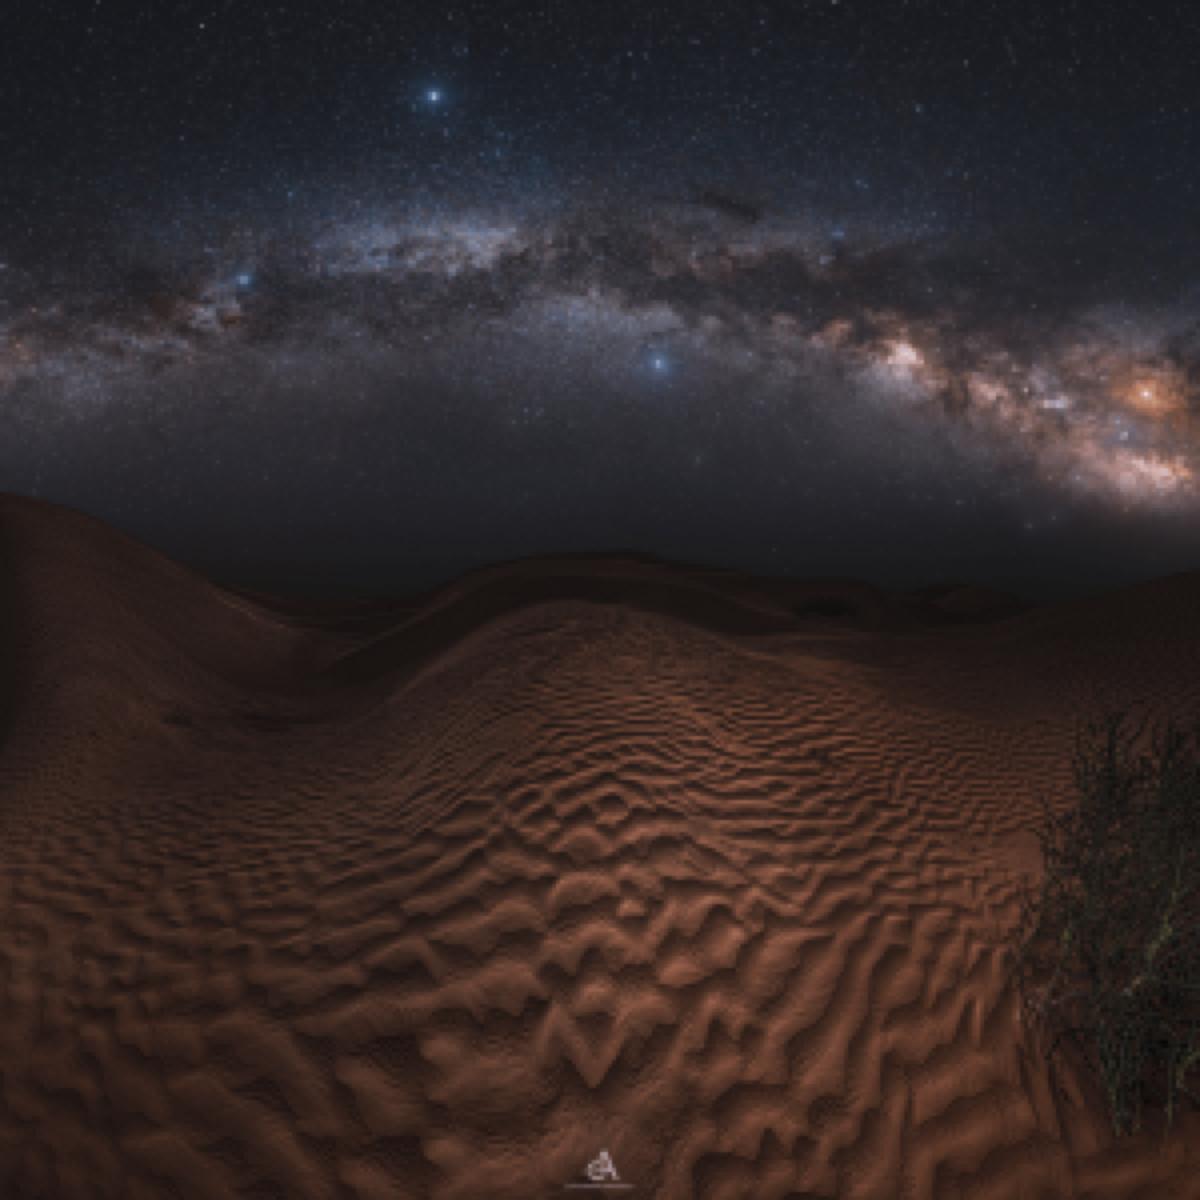 Tunisia – Viaggio Fotografico tra Deserto e Stelle